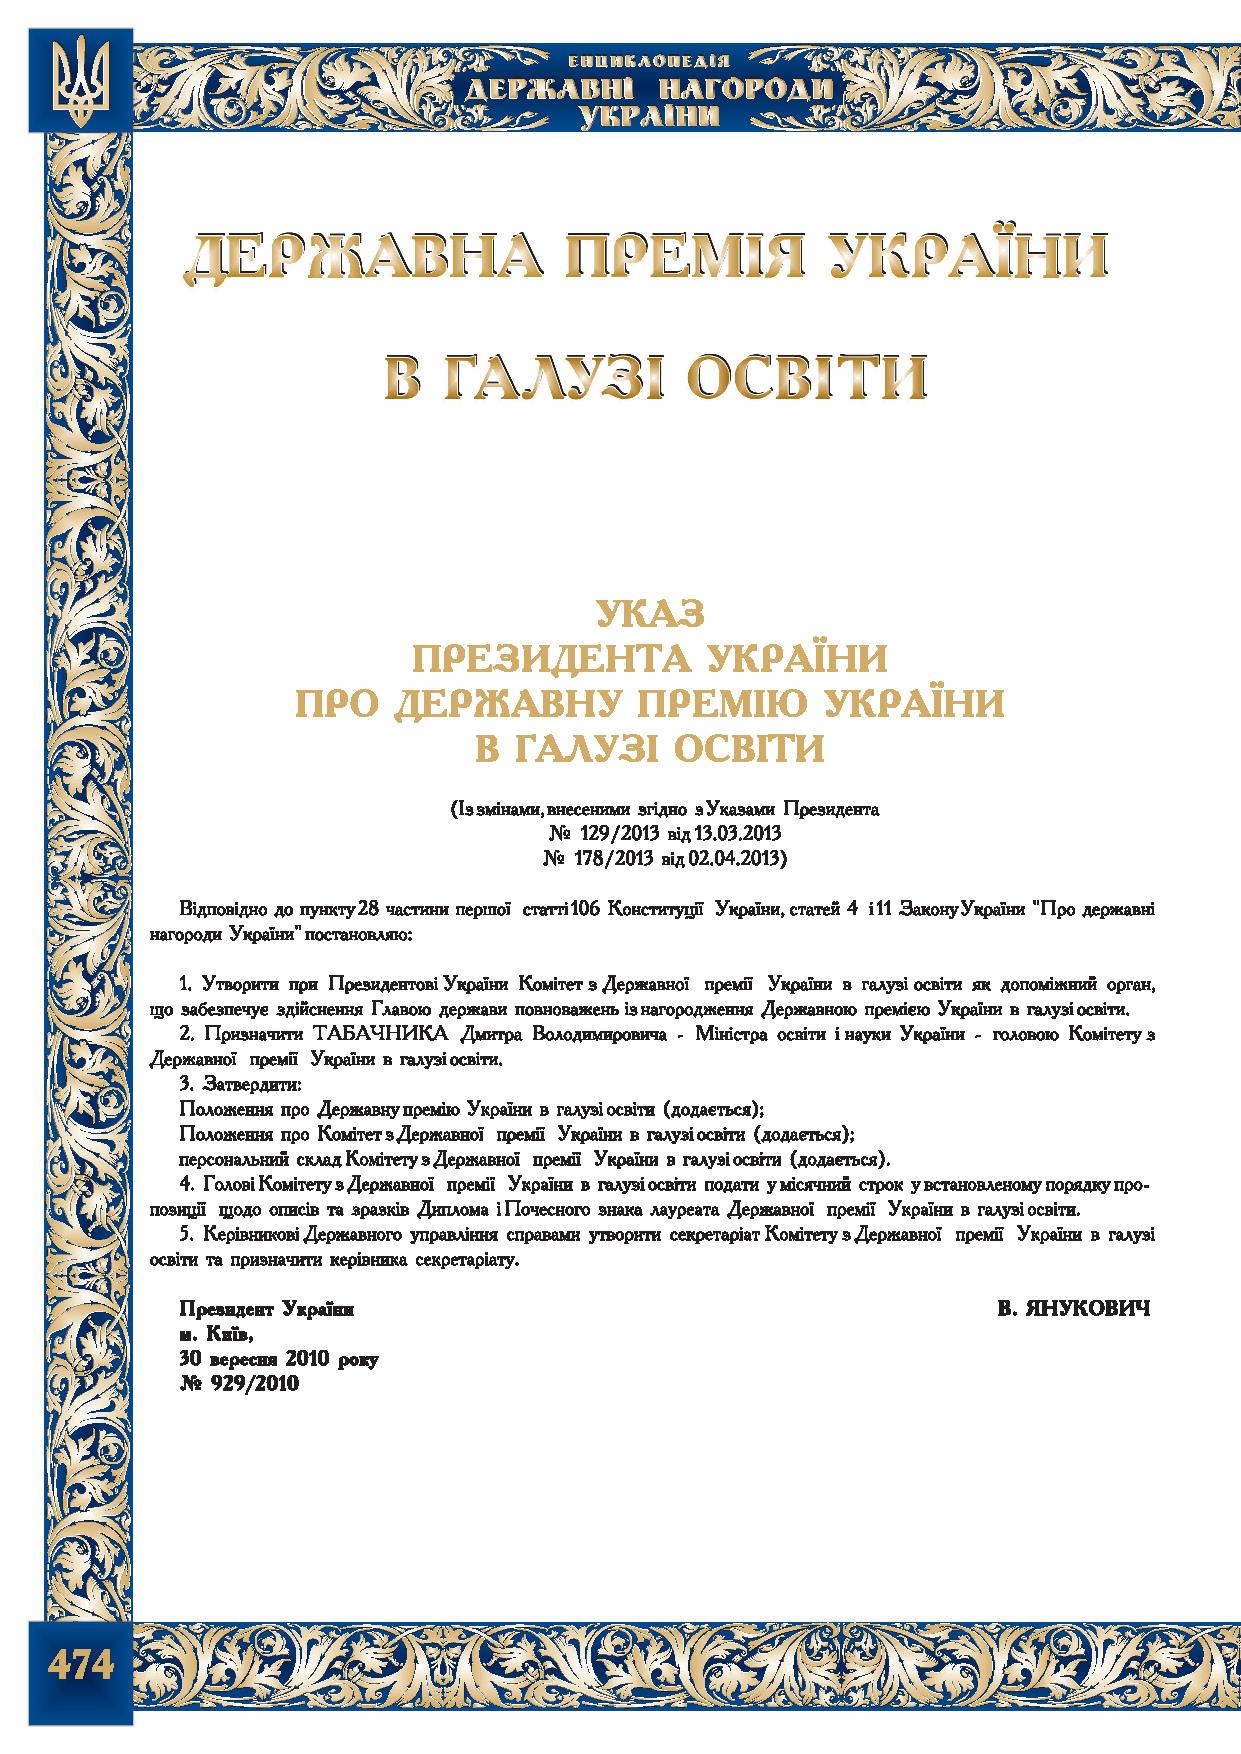 Указ  Президента України про Державну премію України в галузі освіти